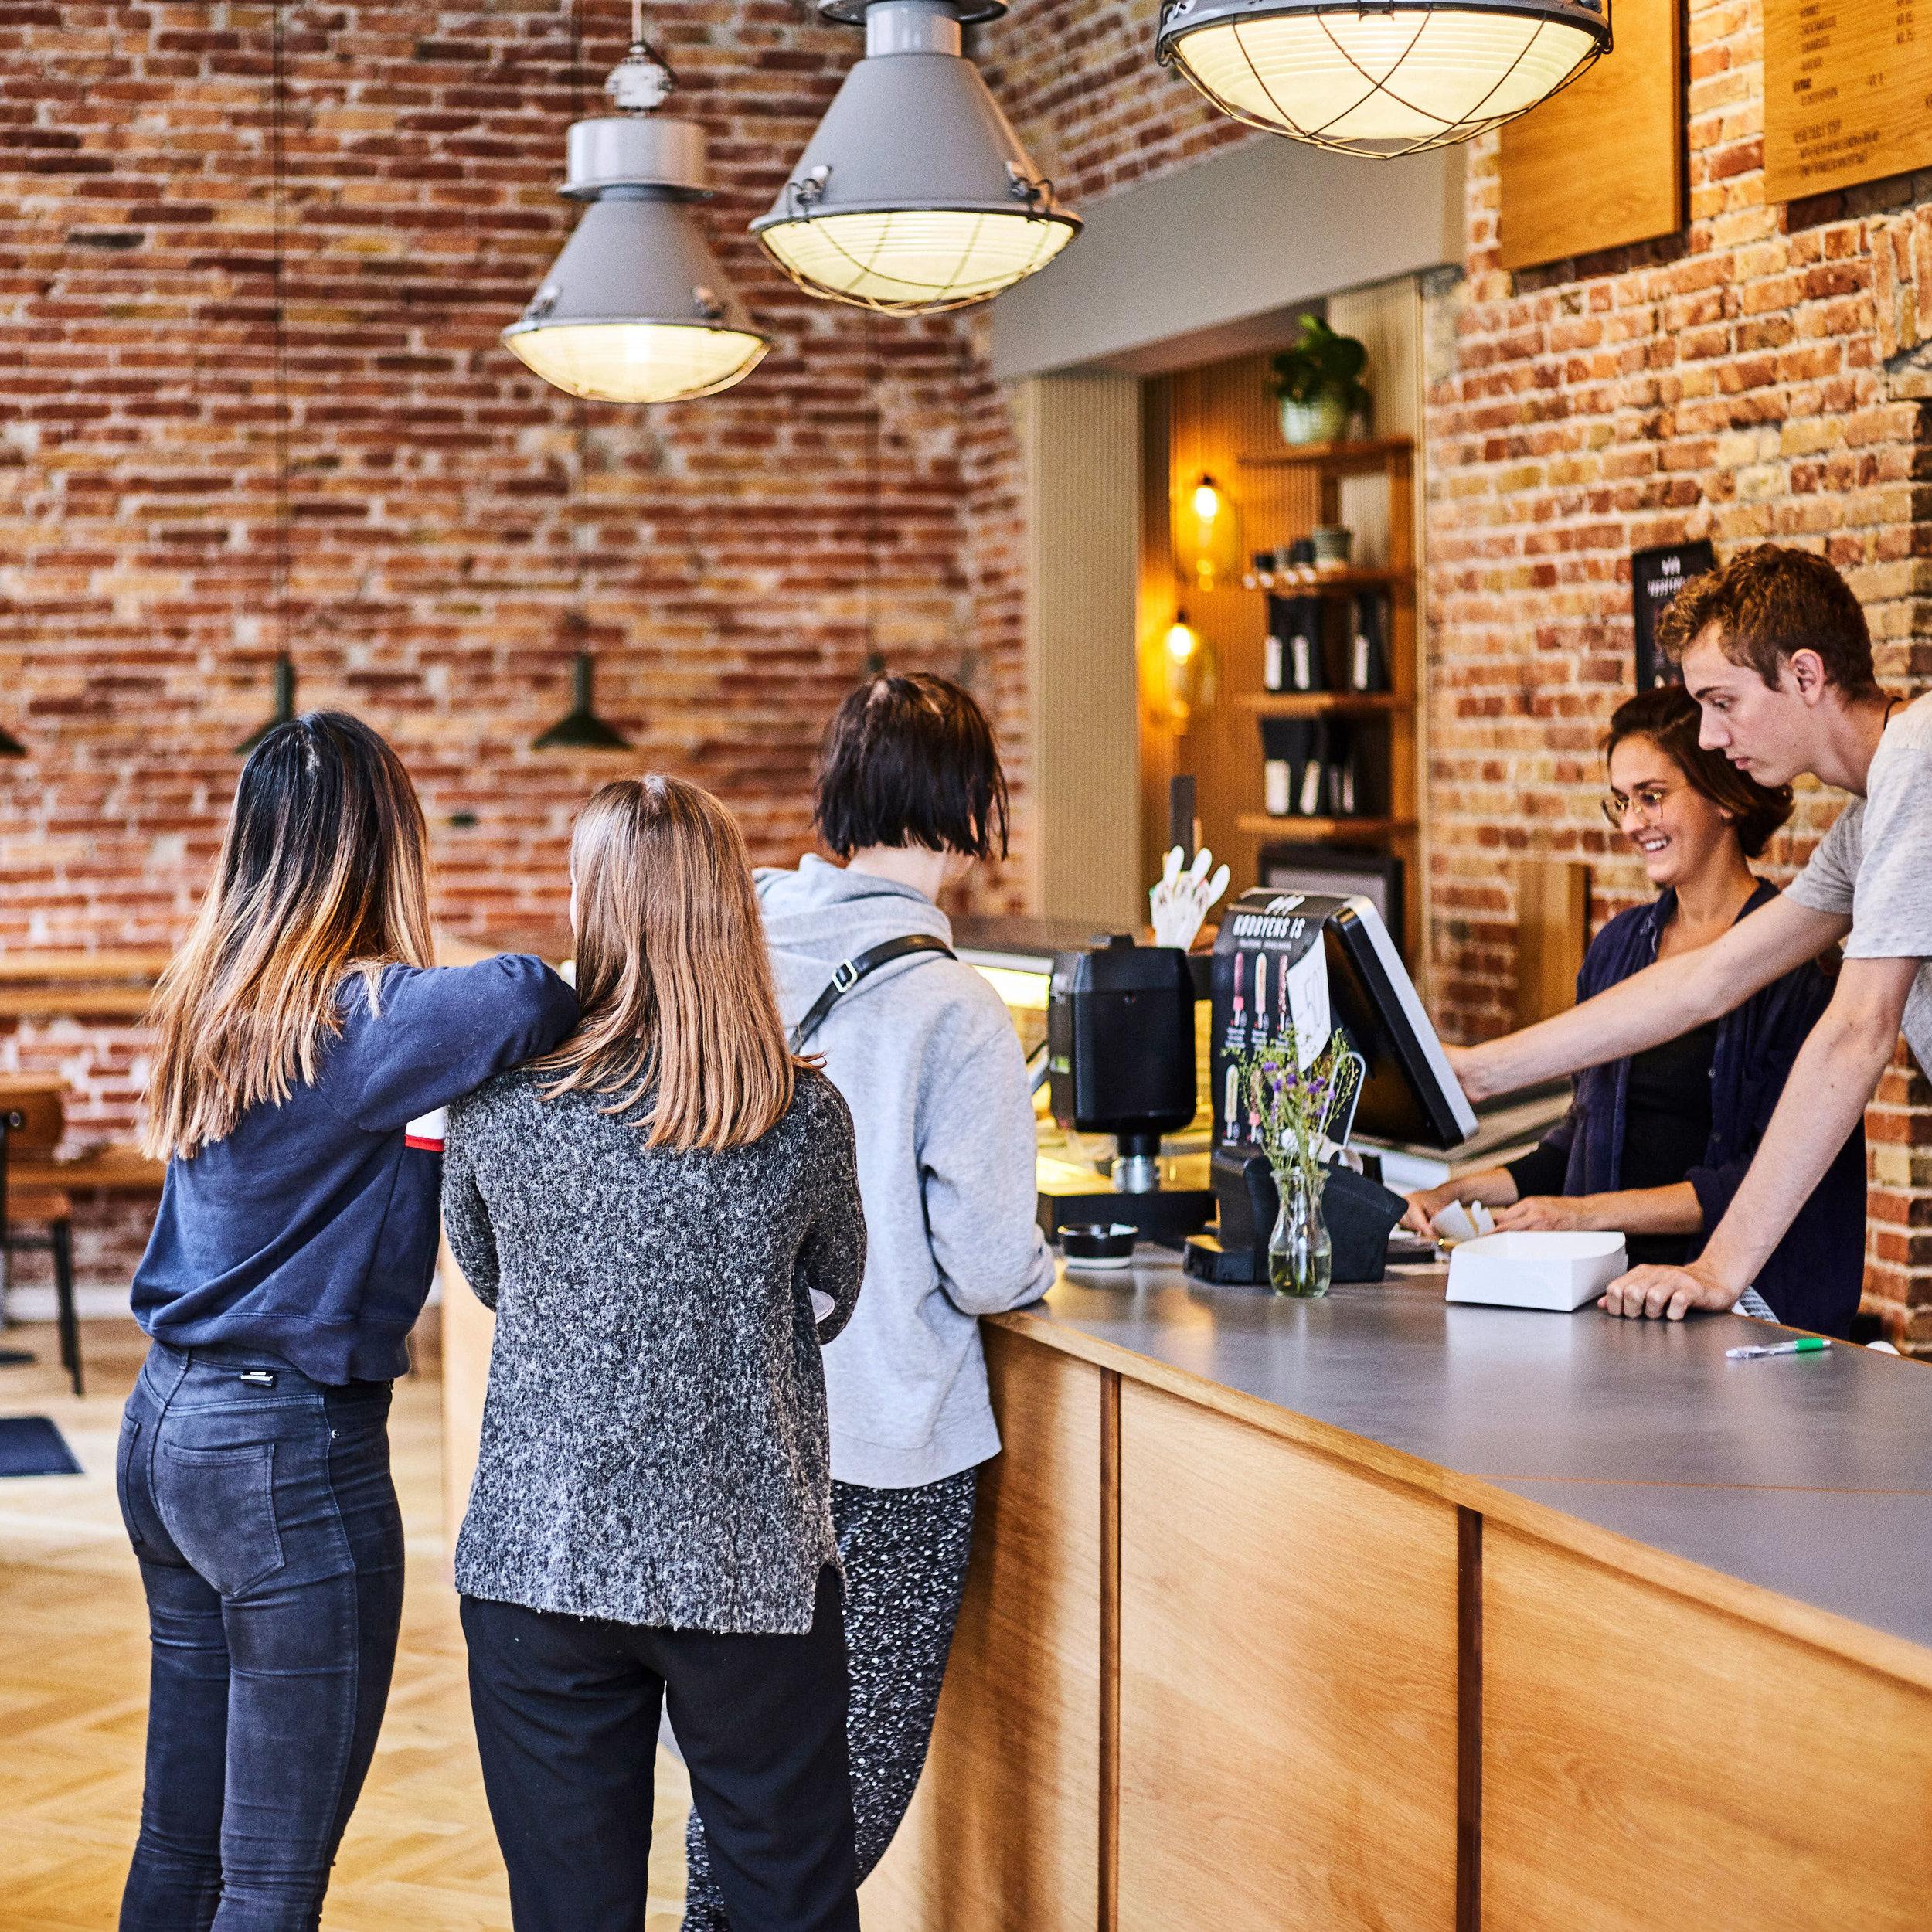 Mokkariet - Istedgade 17 - I bedste Istedgade stil, har lokalet tidligere dannet ramme for én af områdets mange erotiske butikker. Kaffebaren holder til i den mere kantede og autentiske ende af Istedgade, blot et bønnekast fra Københavns hovedbanegård. Med en forhistorie, der formentlig har haft noget for ethvert behov, står kaffebarens nye rammer og rolige atmosfære i høj kontrast til Istedsgades intense aktivitetsniveau.Der er blevet støvsuget, vasket gulv og støvet godt af inden vi rykkede ind og transformerede lokalerne til Mokkariets nyeste kaffebar, hvor du har rig mulighed for at sidde i fred og ro eller mødes med vennerne til hygge over lyden af soul, jazz og varme beats fra højtaleren.